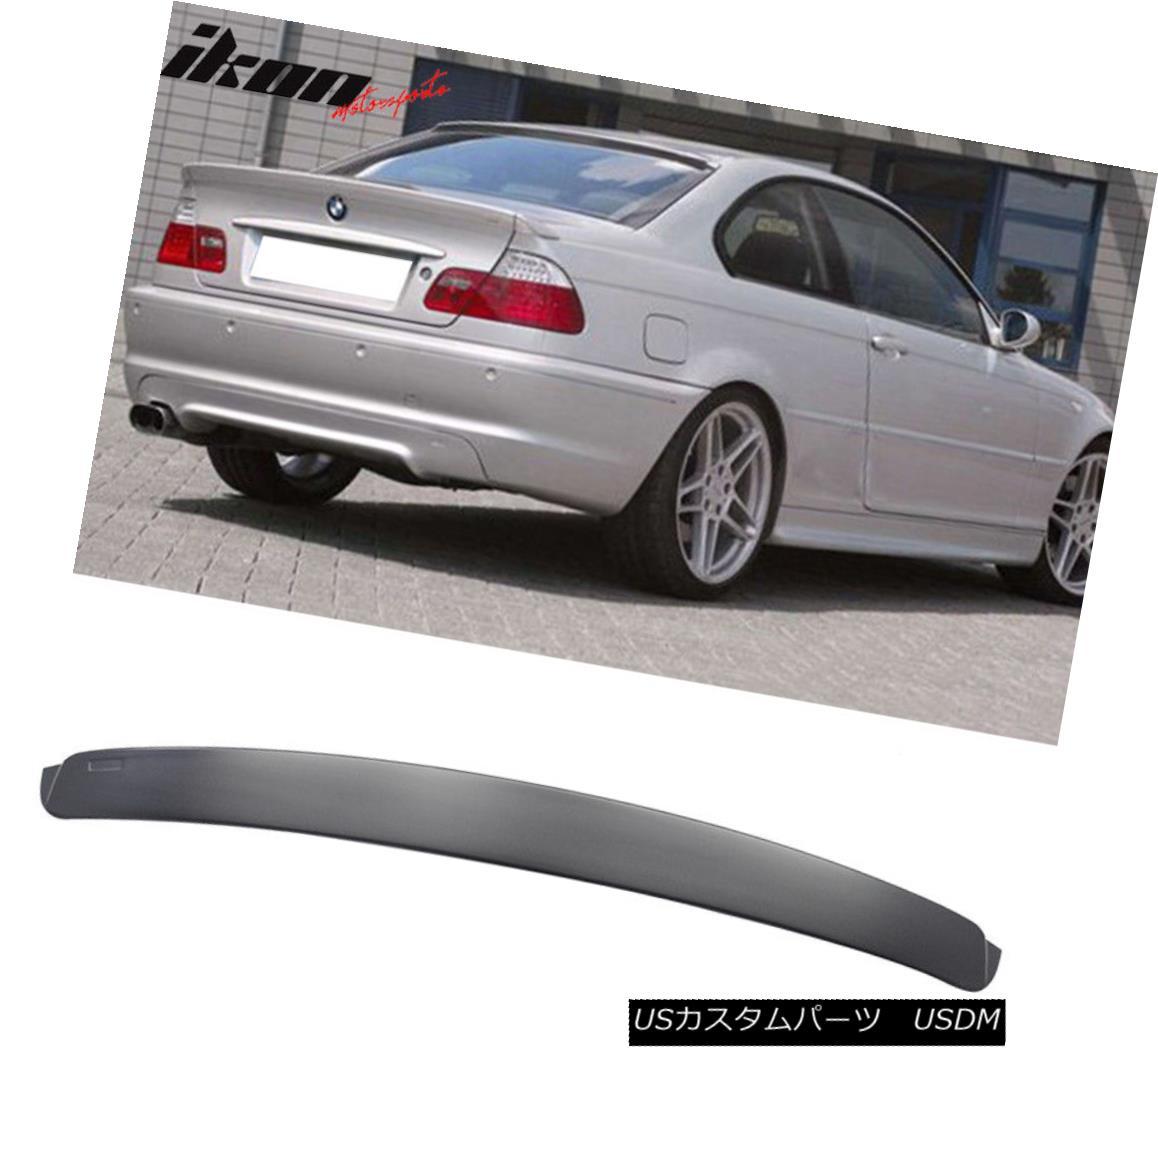 エアロパーツ Fits 99-05 BMW E46 3-Series M3 Coupe AC Style Unpainted ABS Rear Roof Spoiler フィット99-05 BMW E46 3シリーズM3クーペACスタイル未塗装ABSリアルーフスポイラー